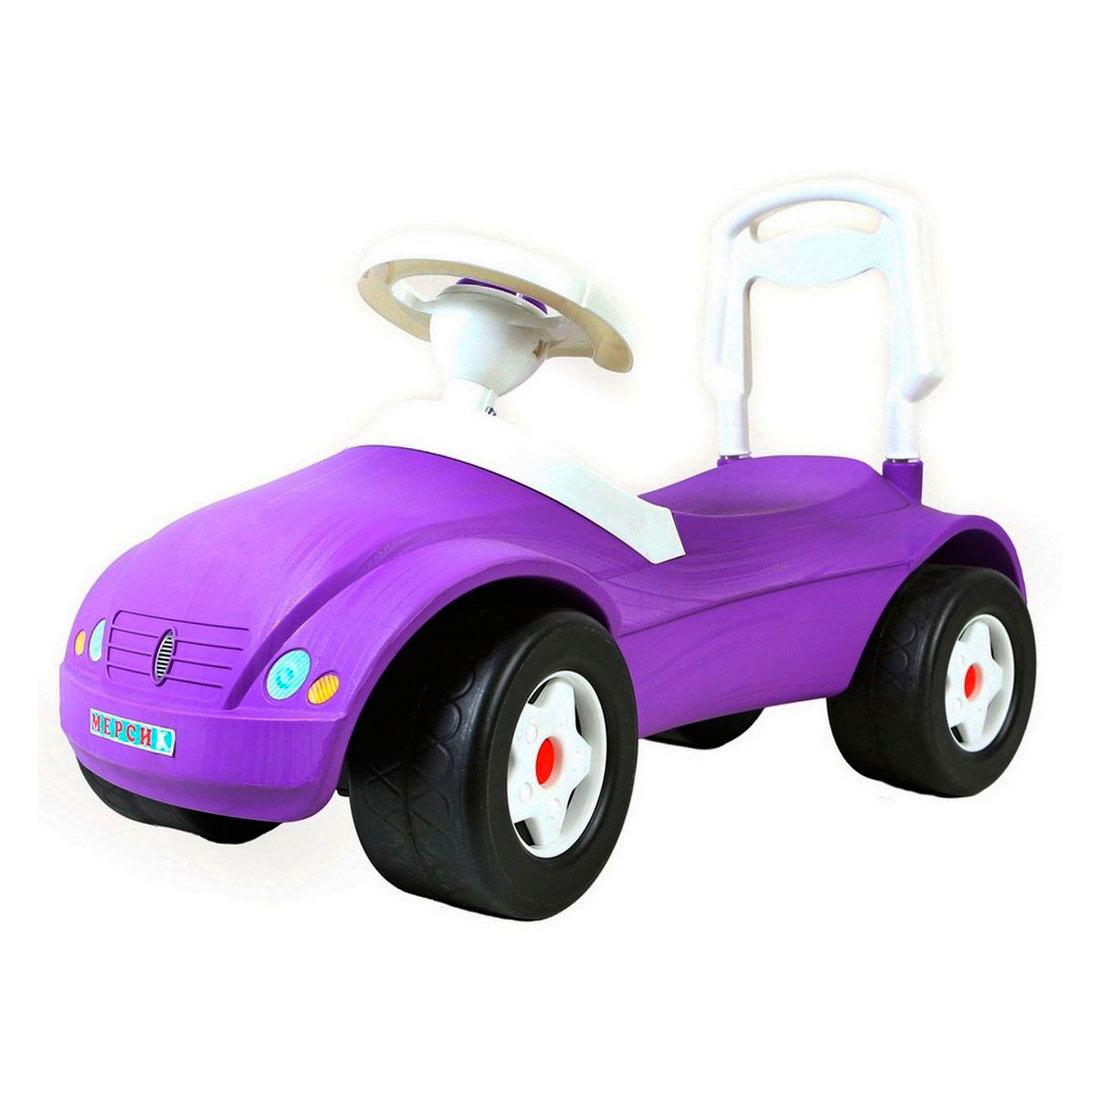 Каталка-автомобиль RT Мерсик ОР016 с клаксоном Фиолетовая<br>